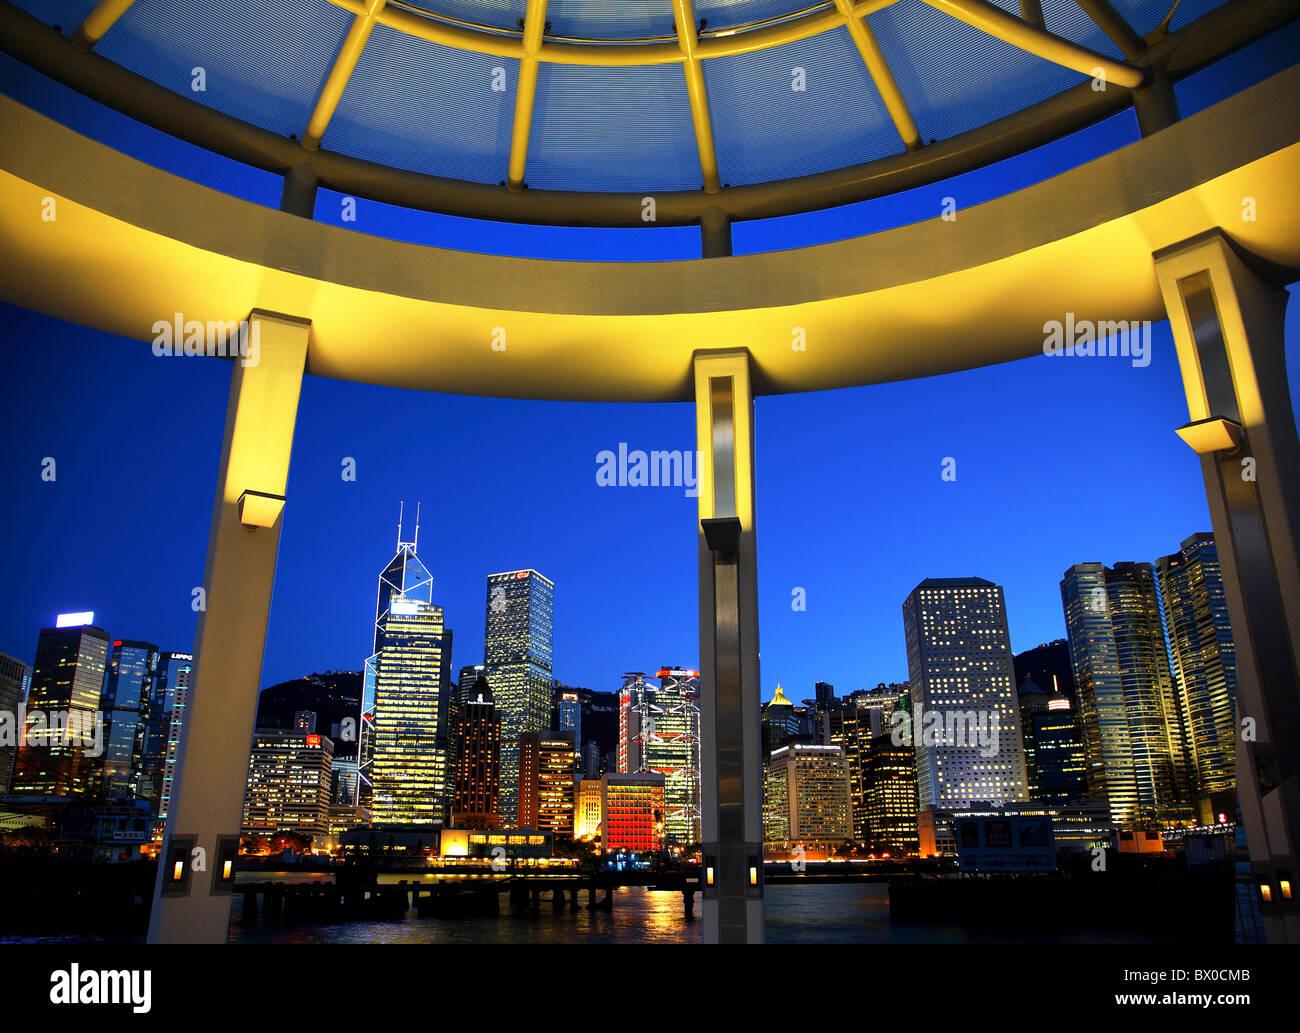 Arranha-céus no bairro central, Hong Kong, China Imagens de Stock